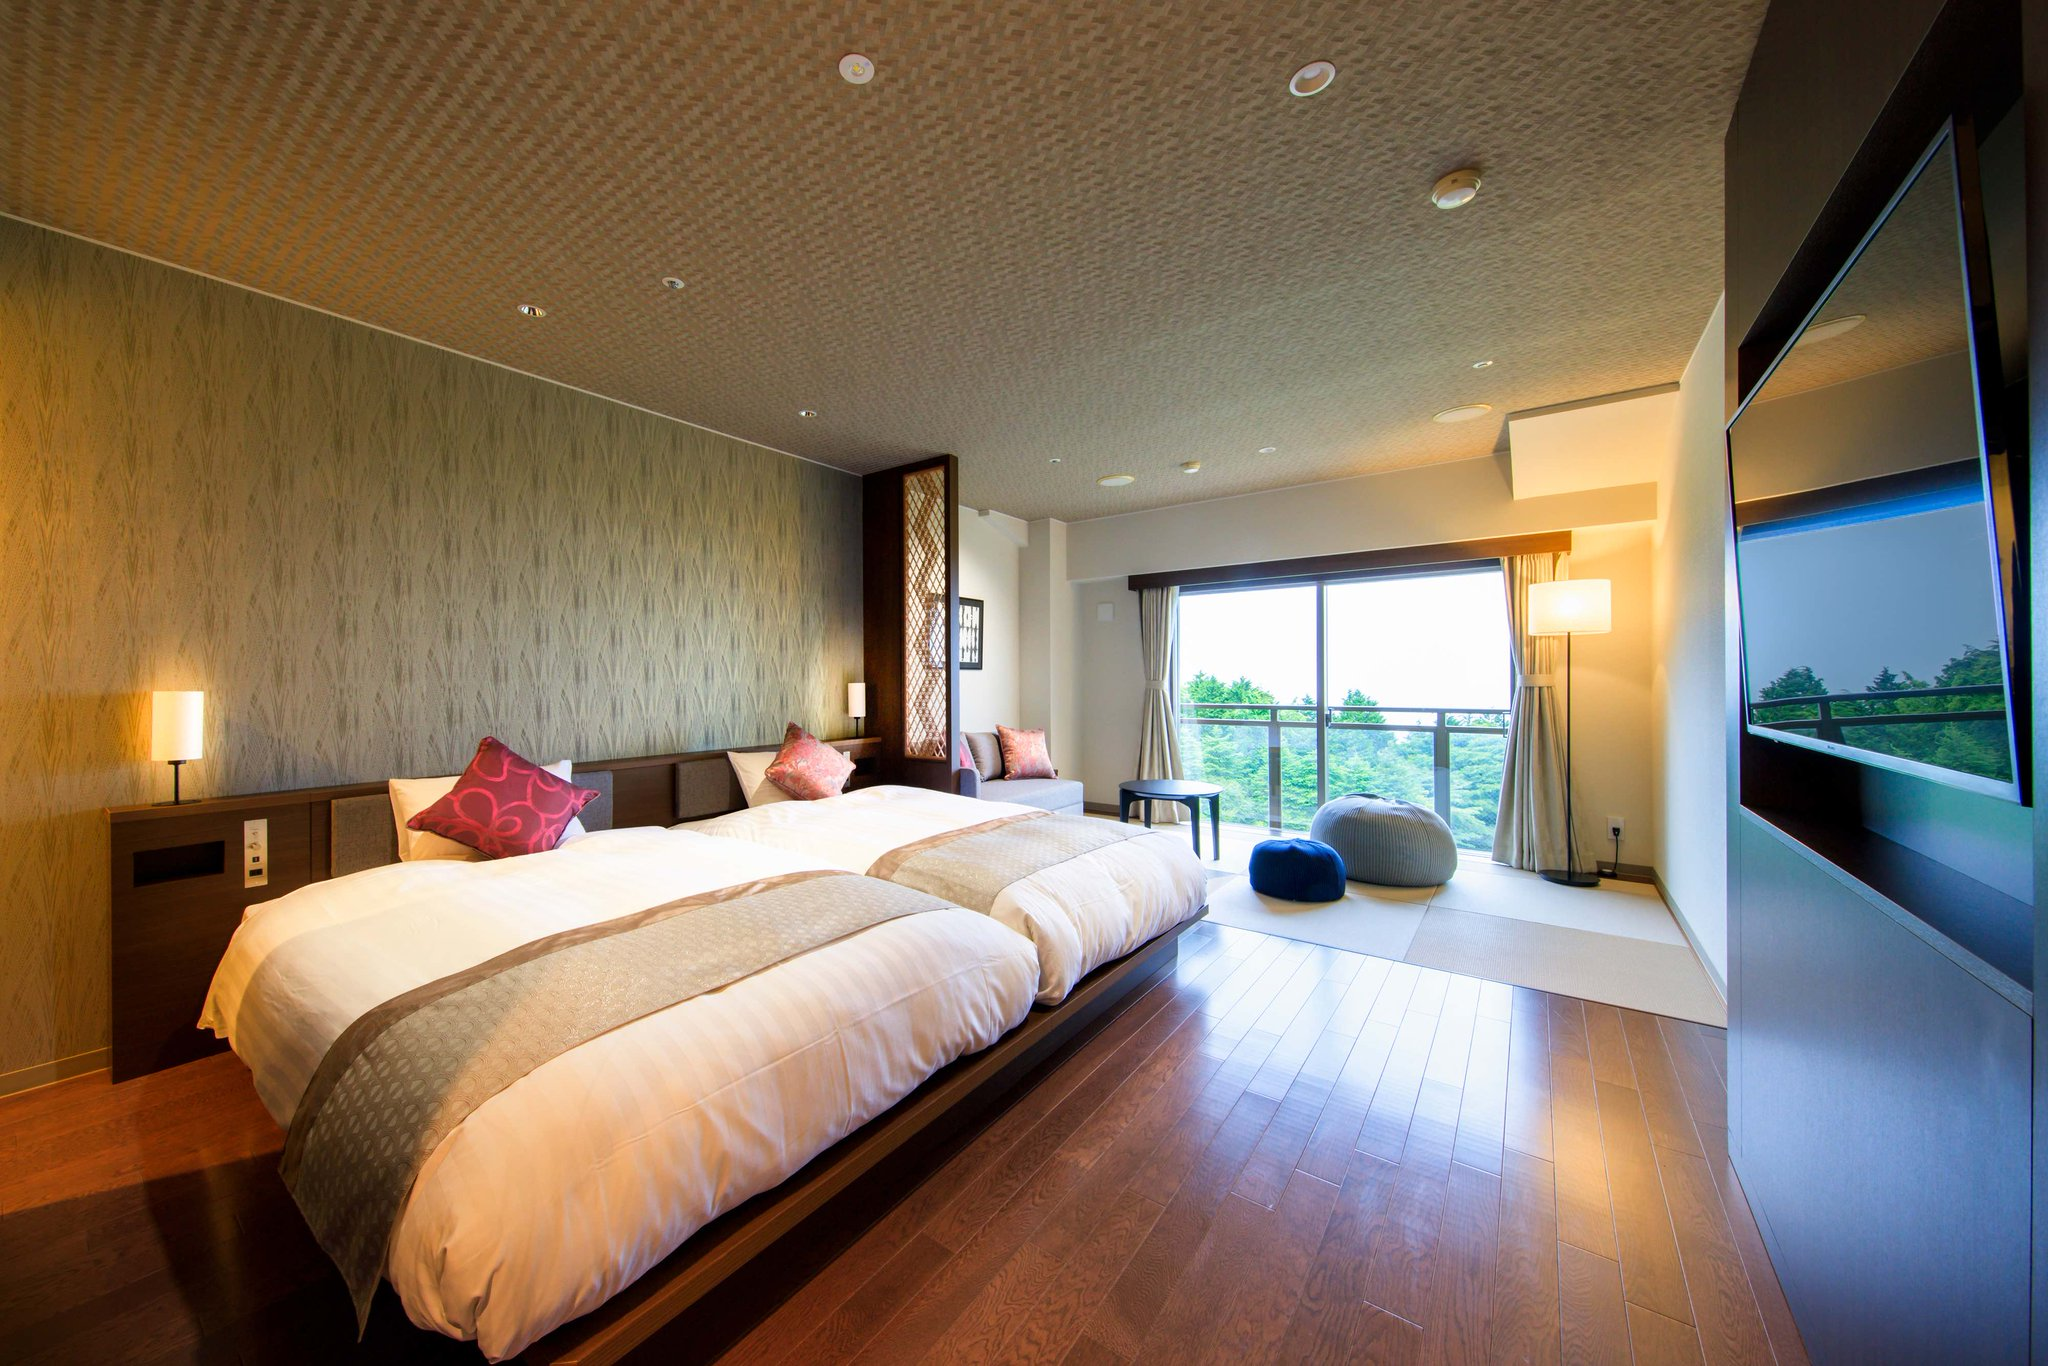 温泉 組合 協同 旅館 箱根 ホテル